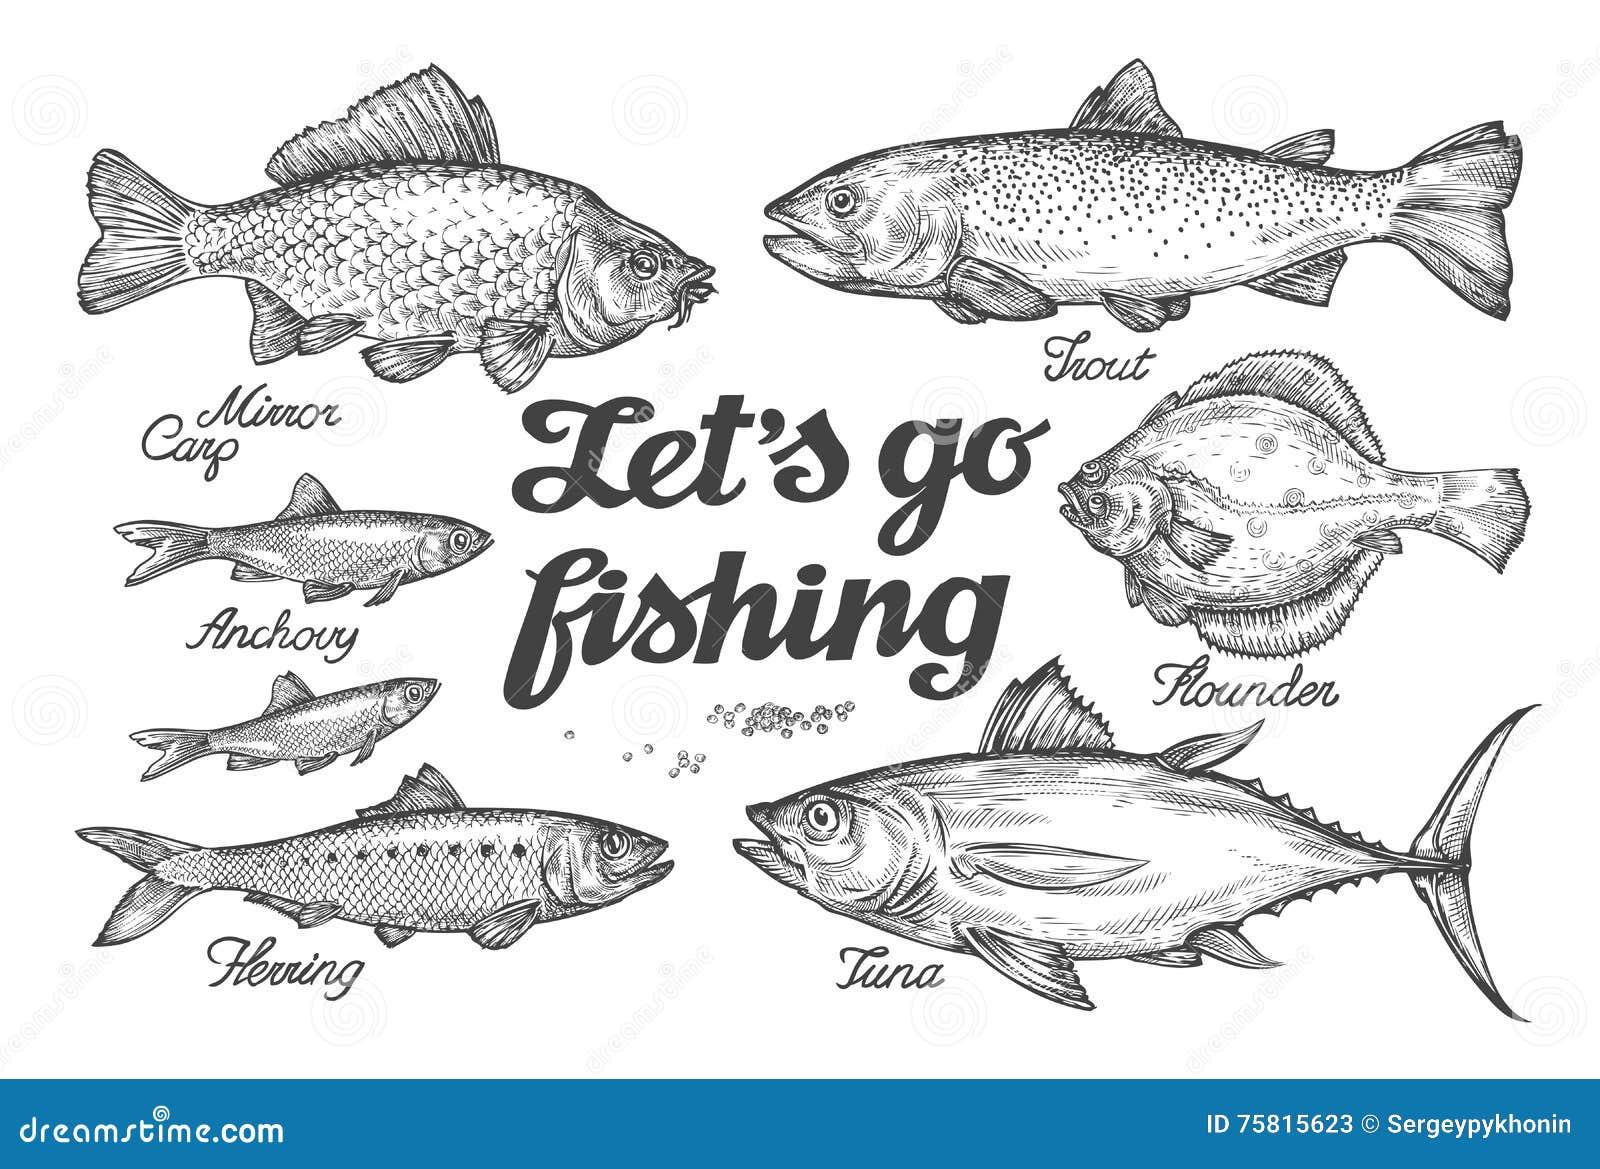 Fischen Hand gezeichnete Vektorfische Skizzieren Sie Forelle, Karpfen, Thunfisch, Hering, Scholle, Sardelle